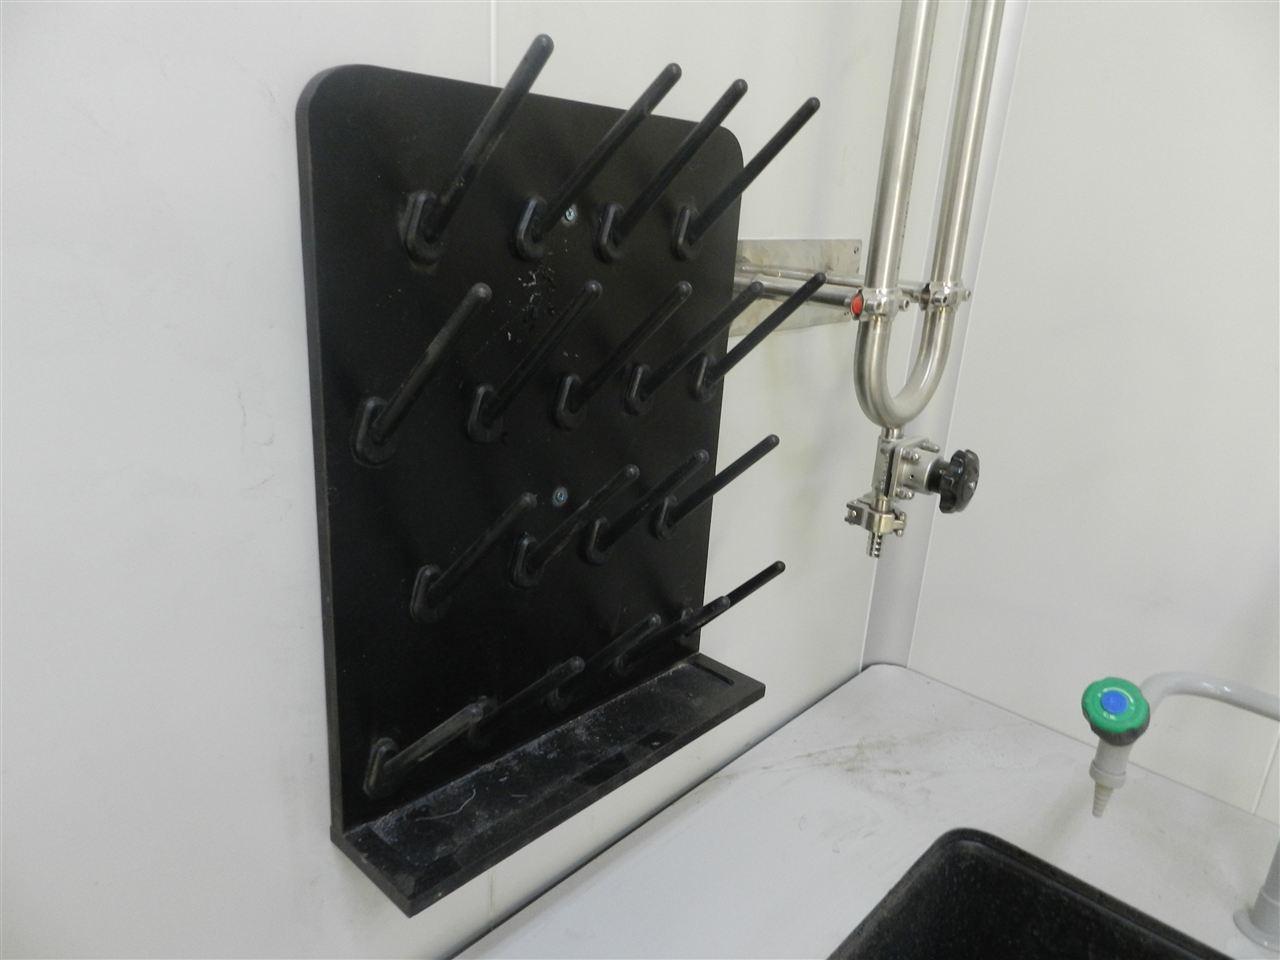 PP滴水架304不锈钢滴水架实验台滴水架v高压高压电缆头图片